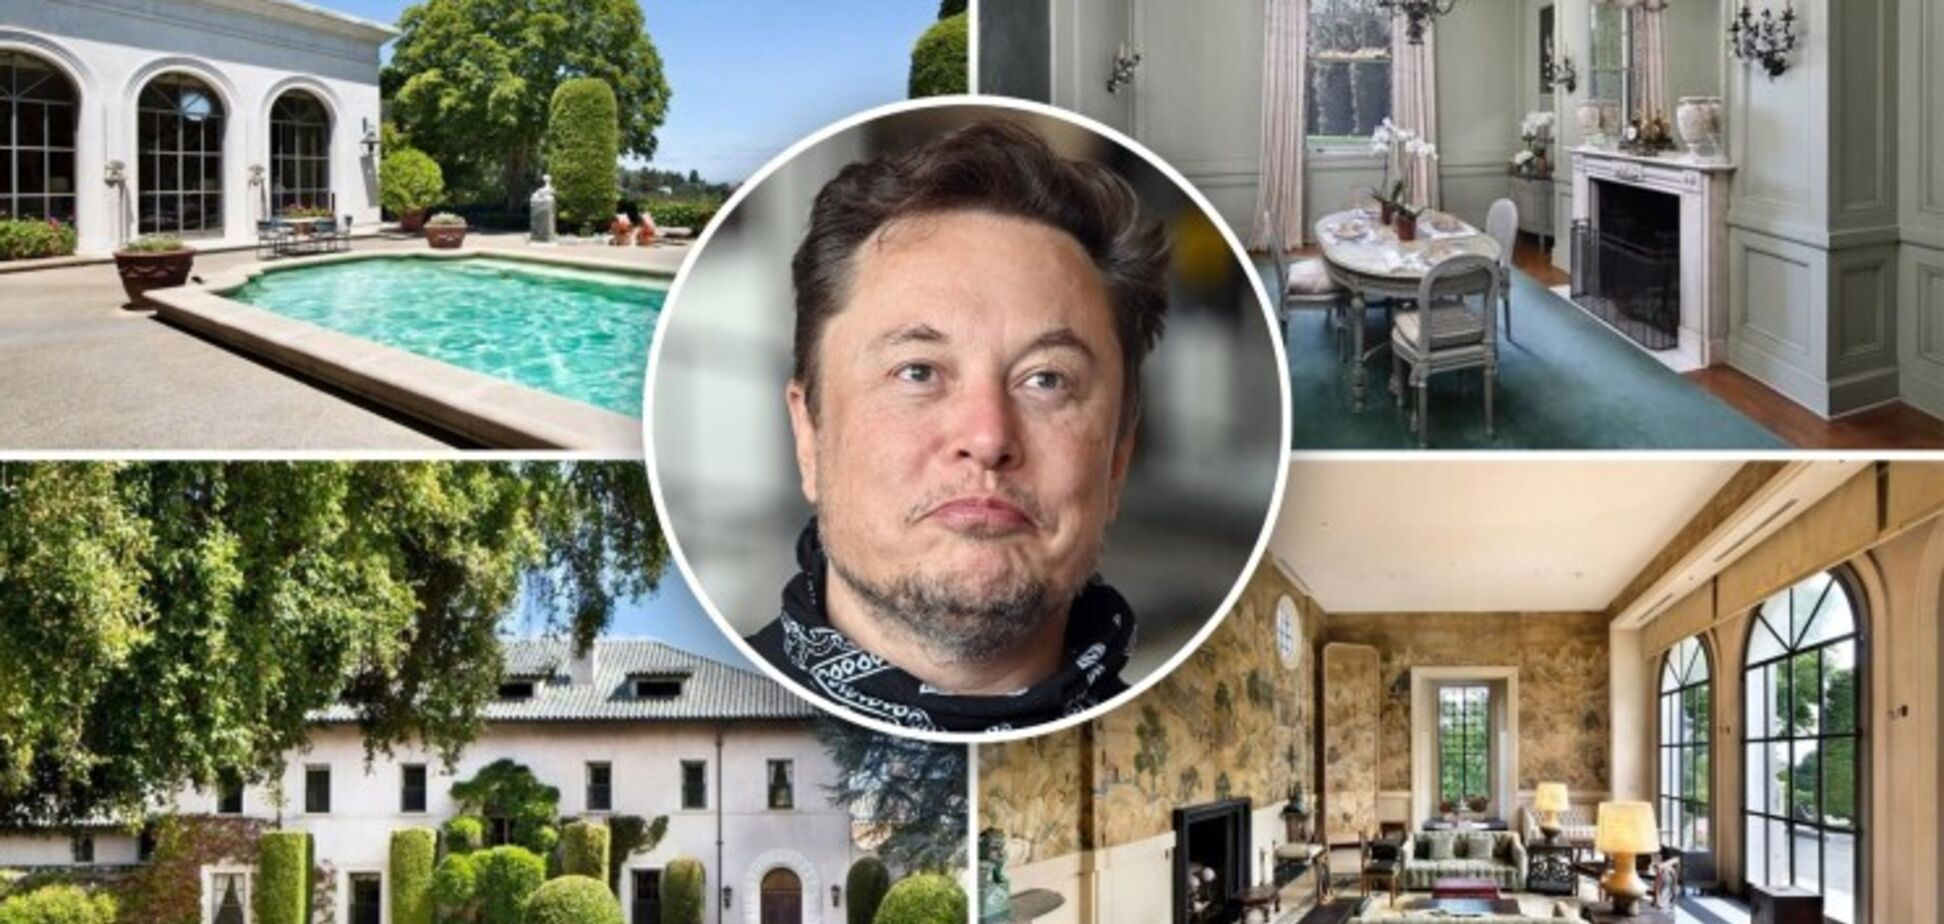 Маск вирішив не продавати свій особняк біля затоки Сан-Франциско. Фото